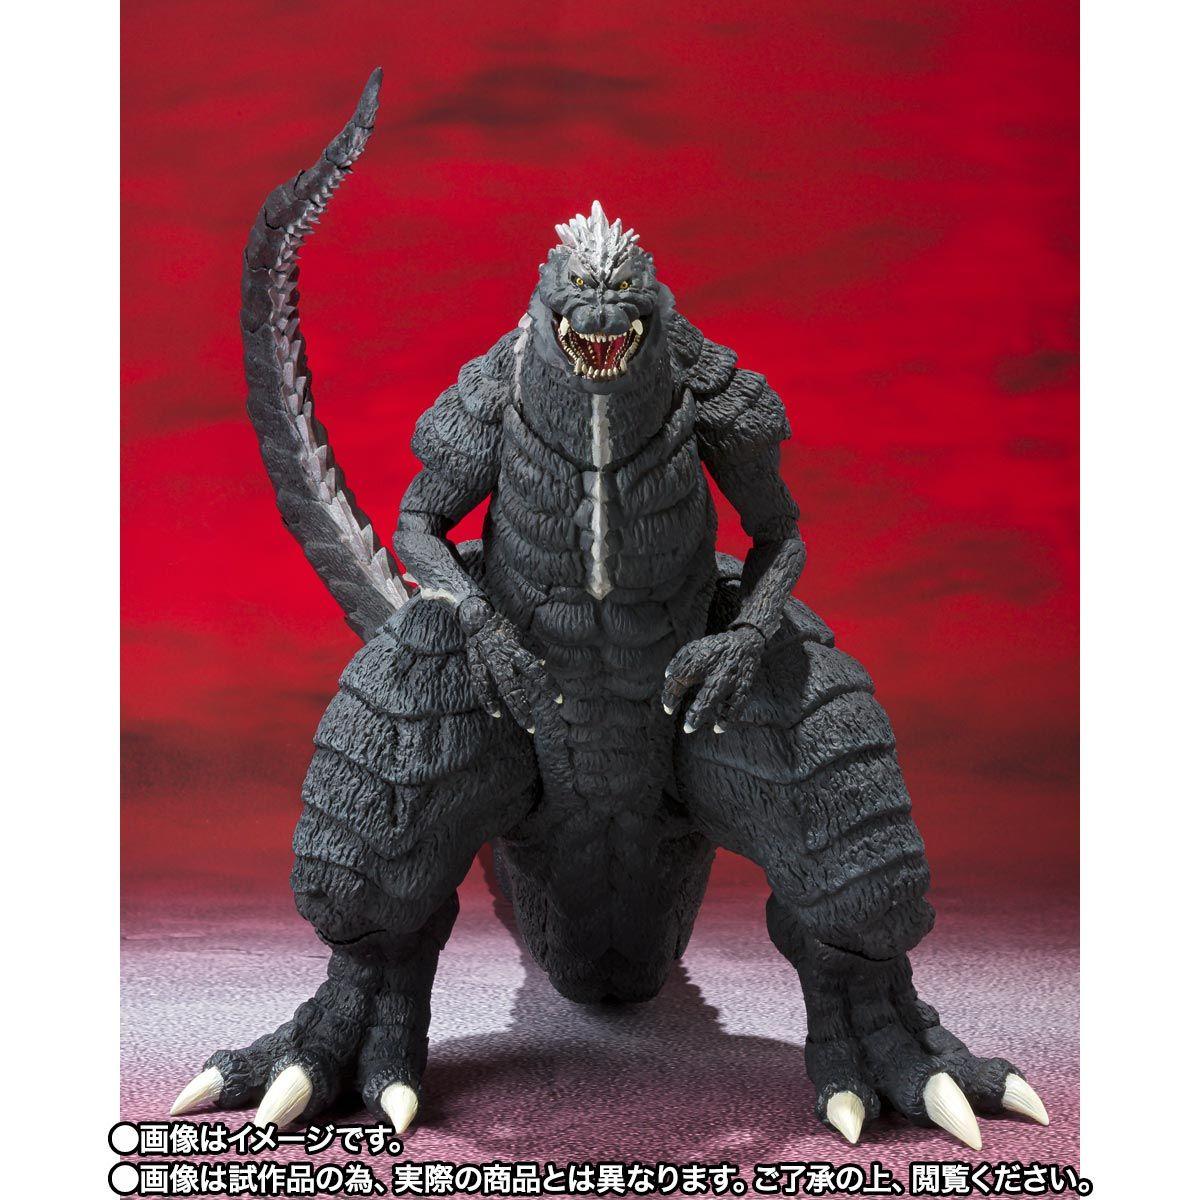 【限定販売】S.H.MonsterArts『ゴジラウルティマ』ゴジラS.P 可動フィギュア-002